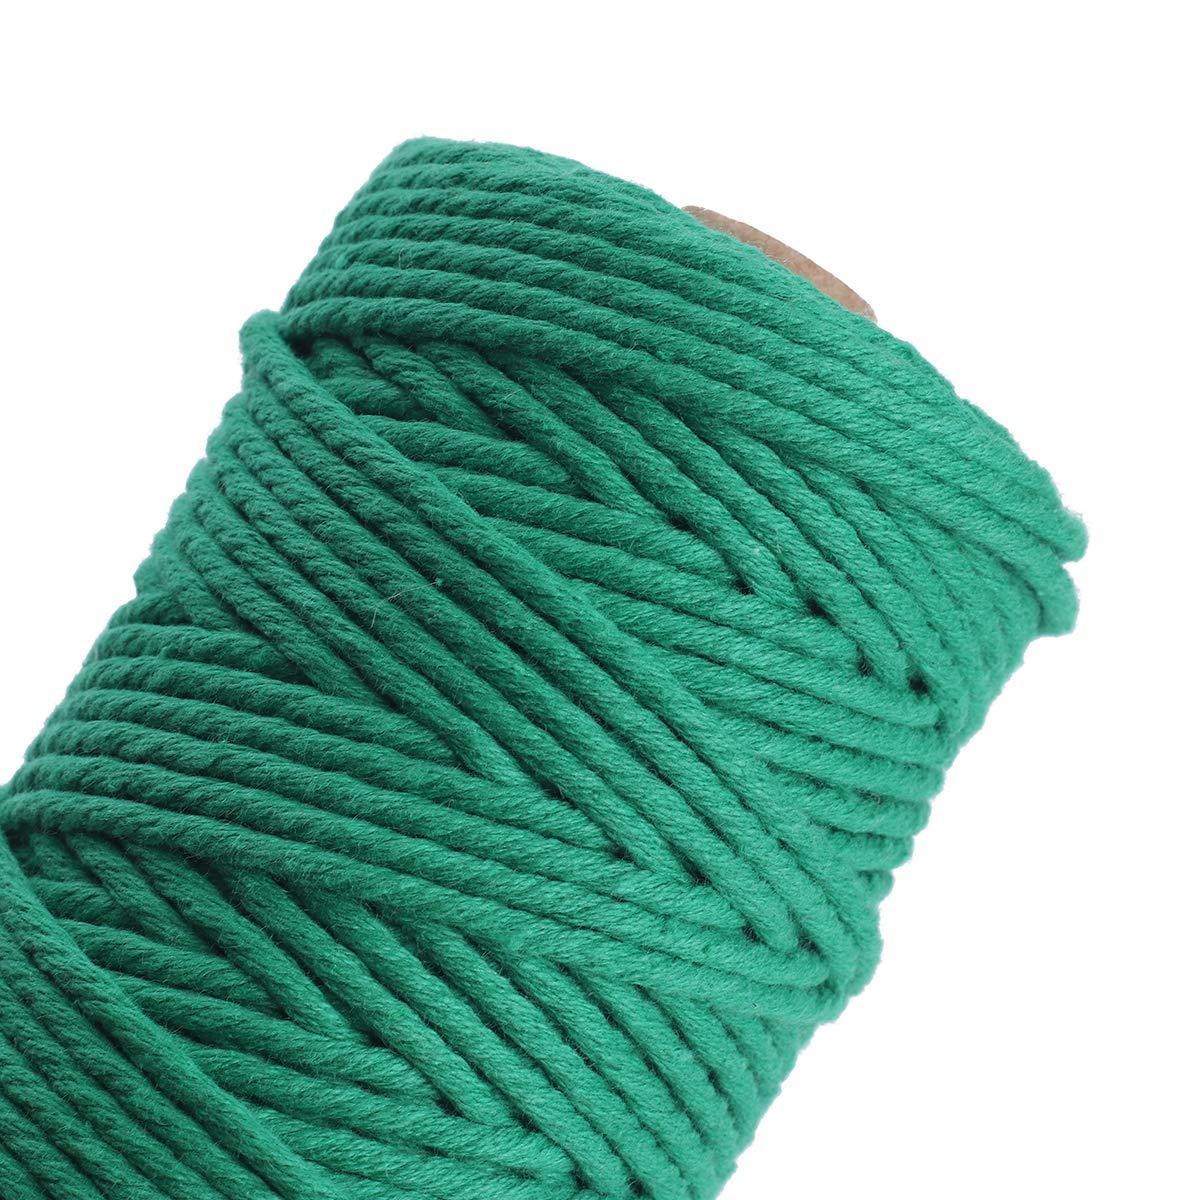 Topwa confezione da 5 macram/è Cord Natual corda di cotone fai da te artigianale cavo bobina spago rustico in per parete appendere piante artigianato lavoro a maglia decorativo progetti 3 mm X100 M